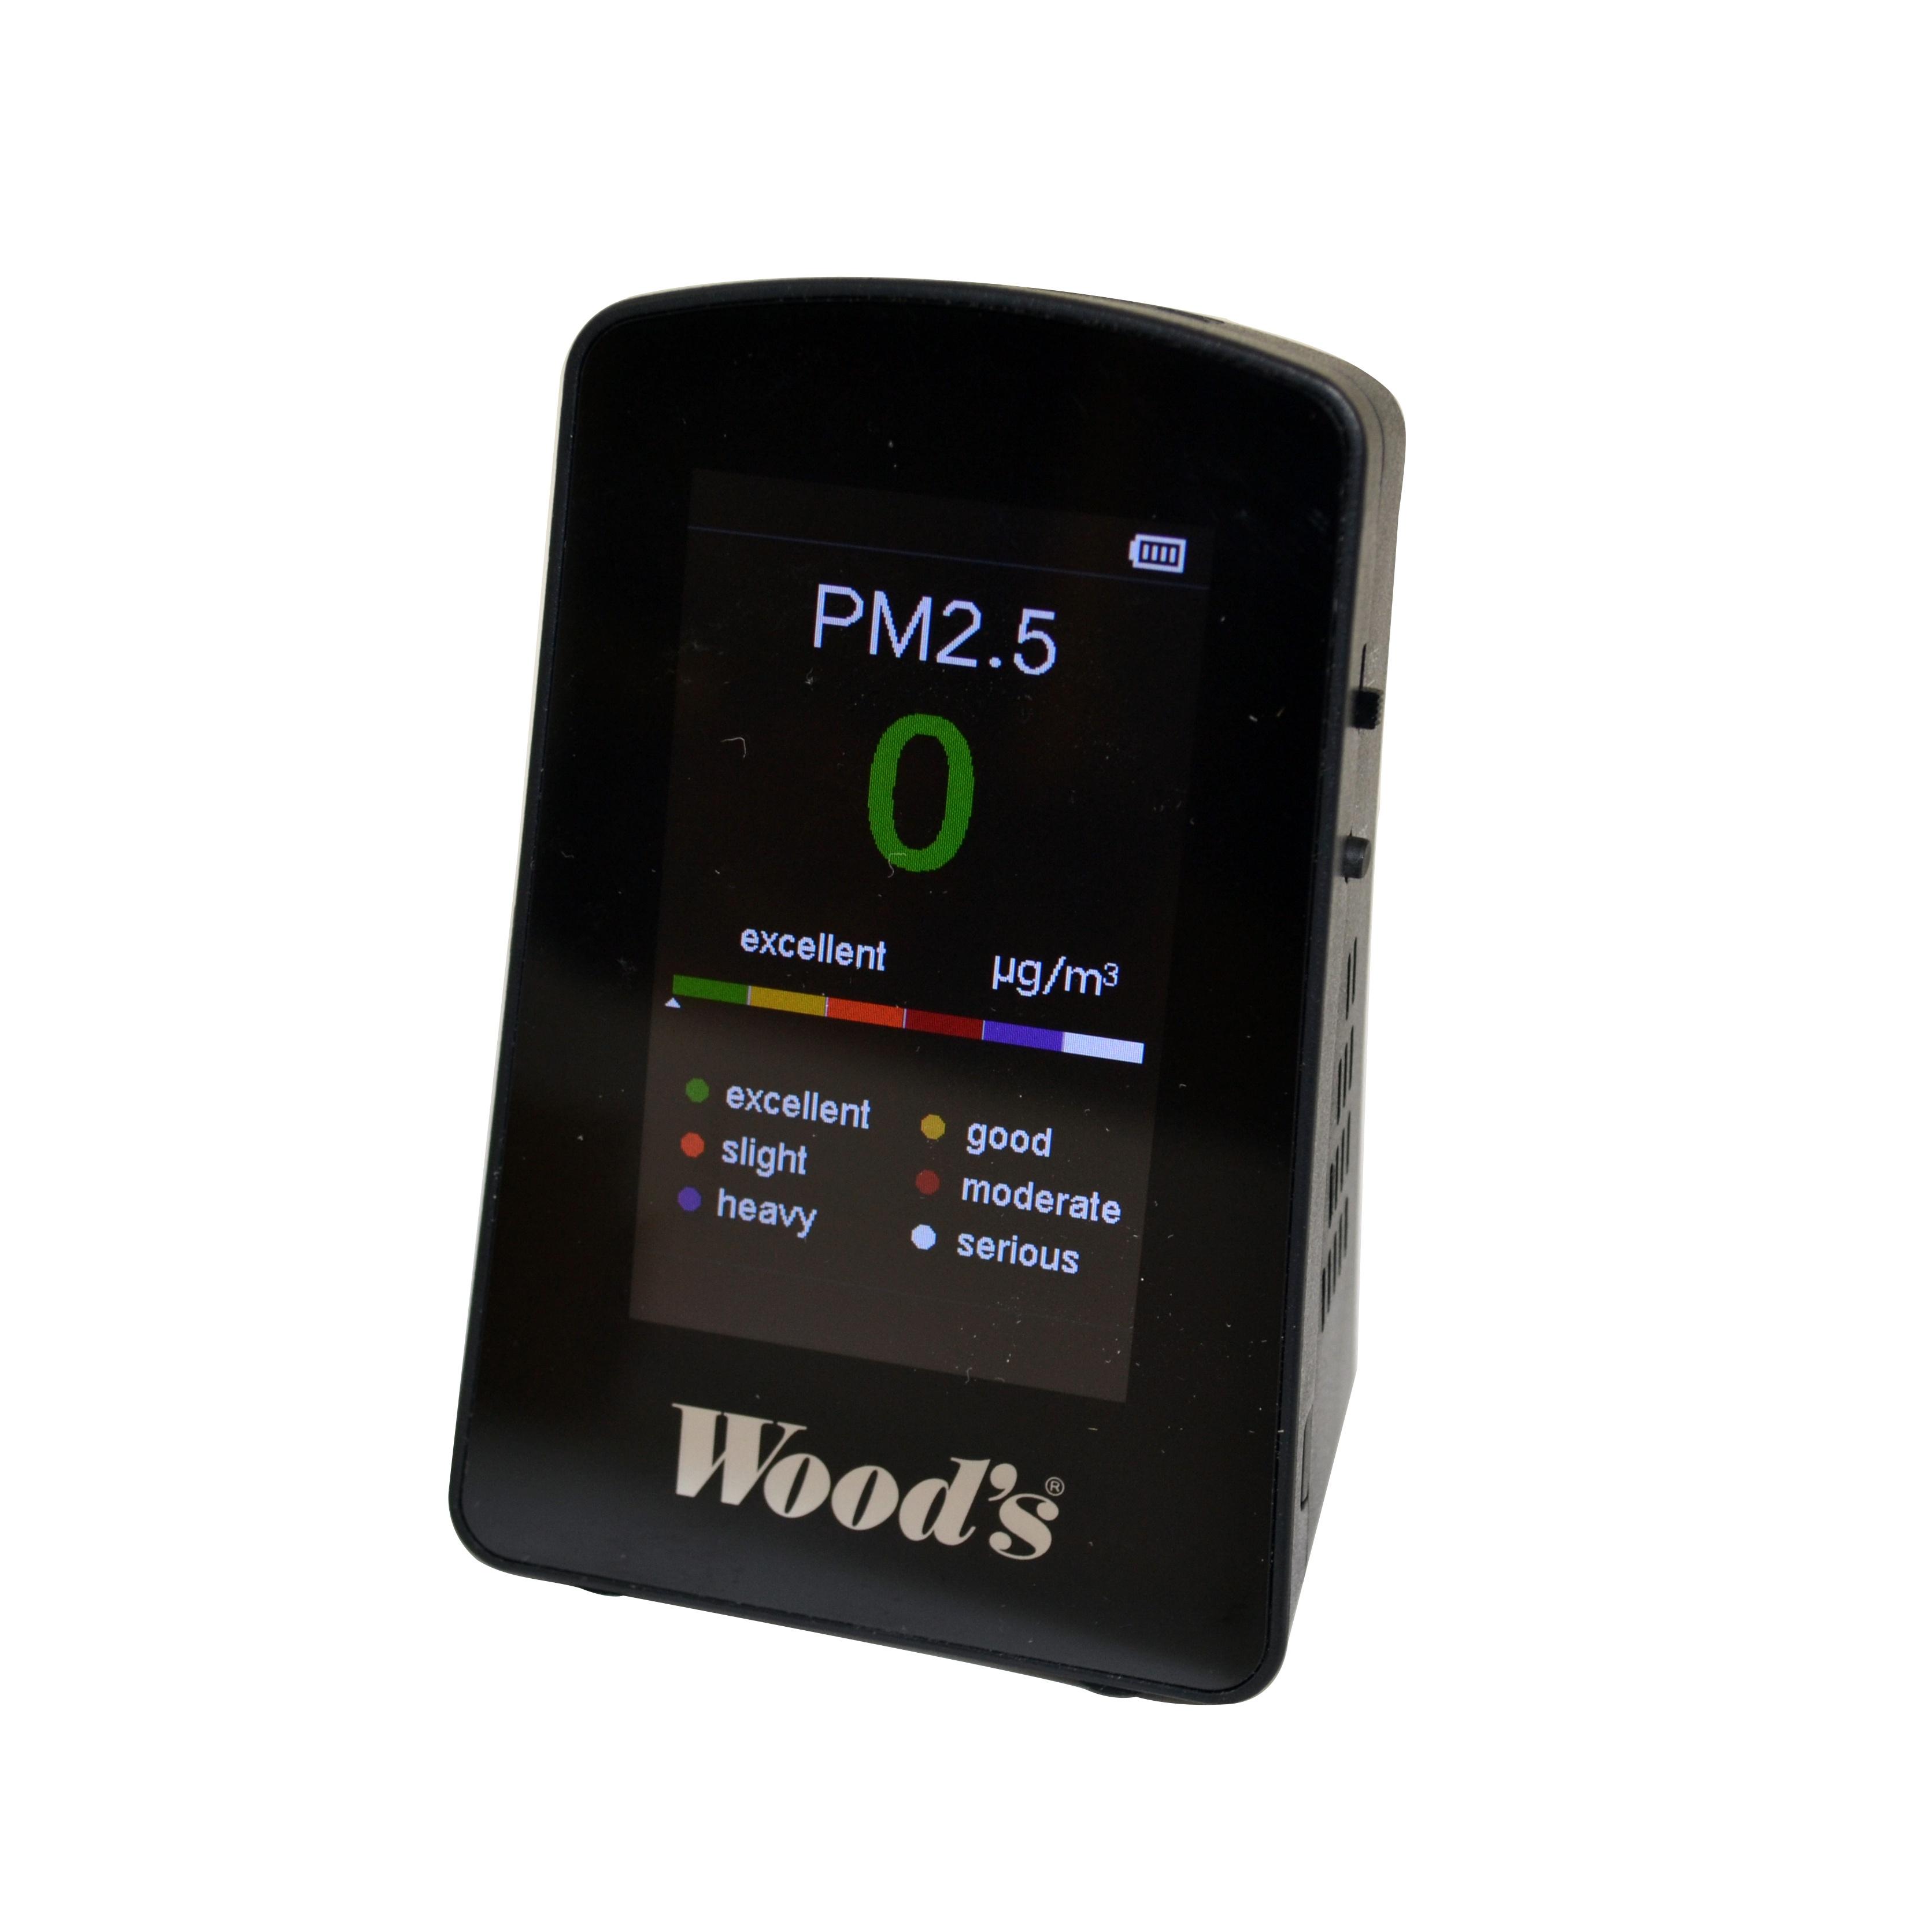 woods-czujnik-jakosci-powietrza-aqm-001-2